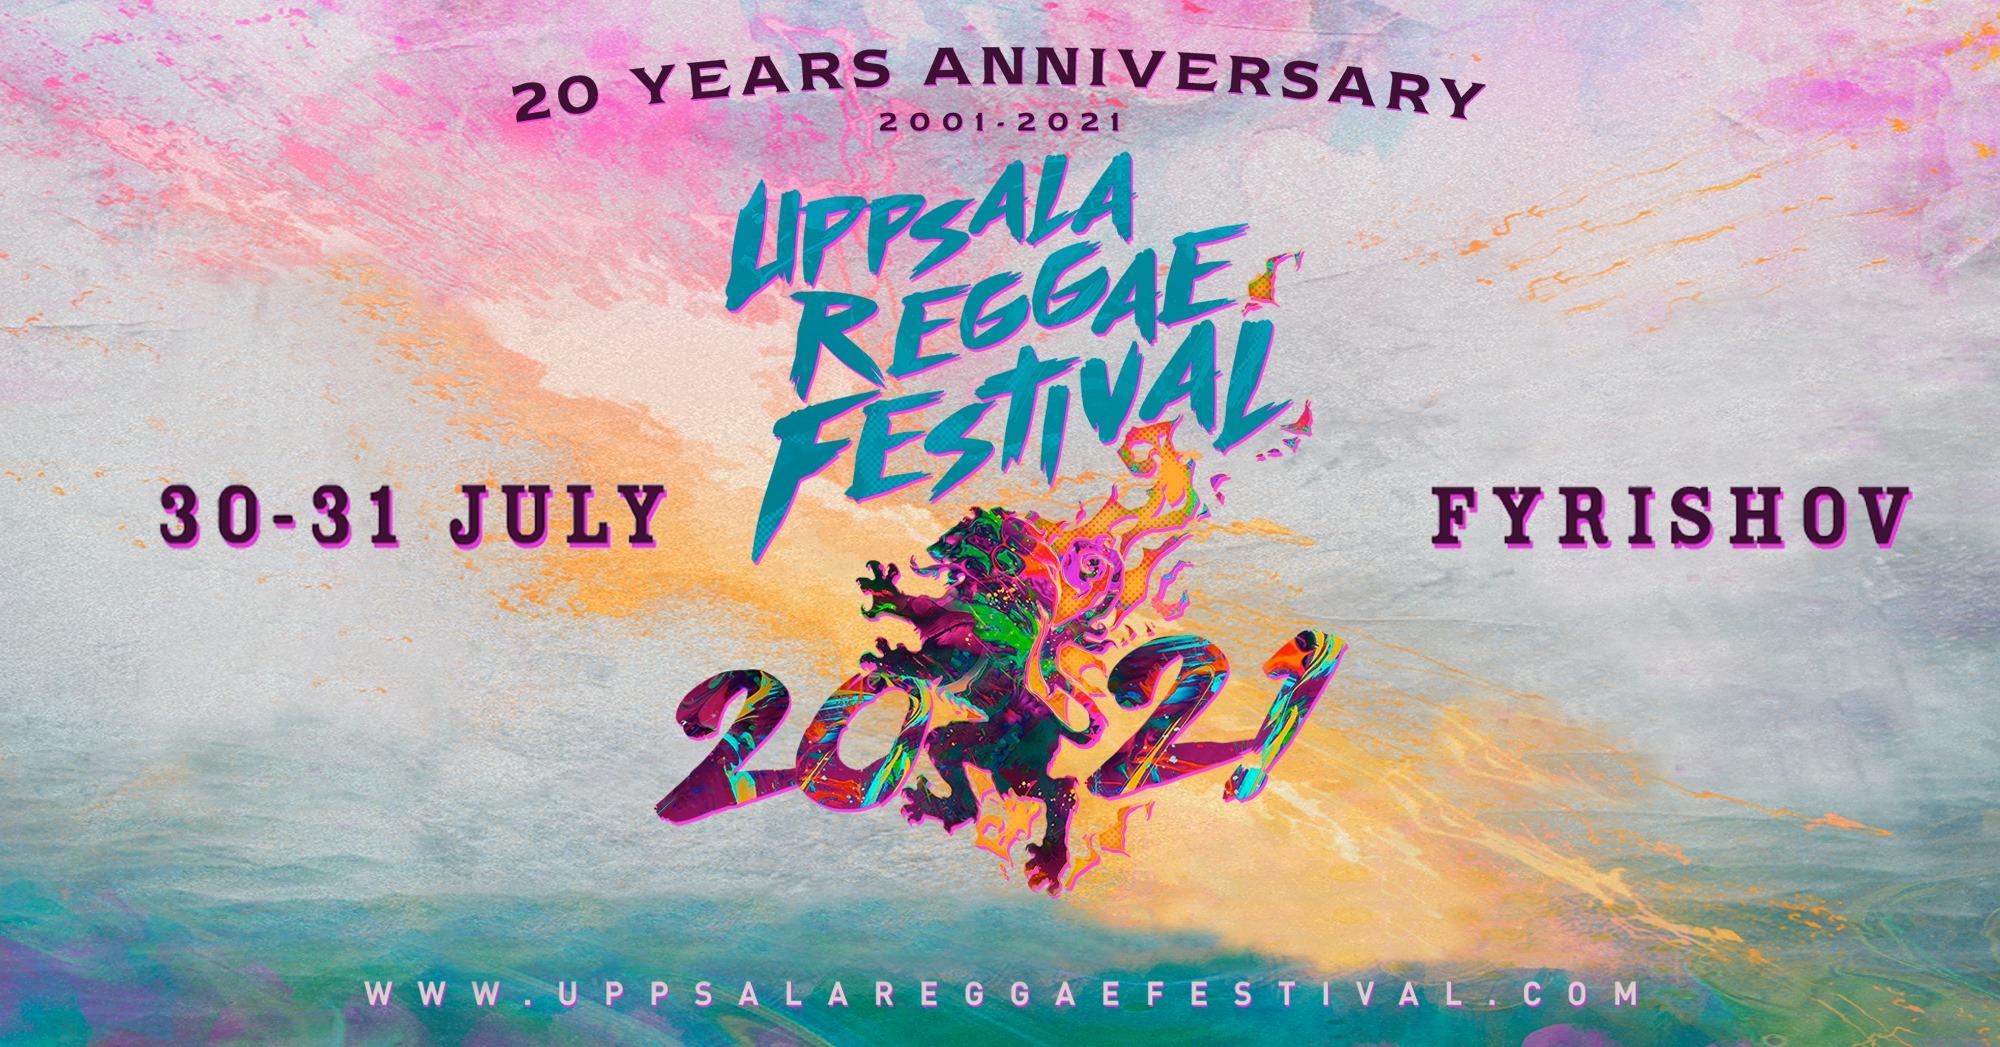 Festival: Uppsala Reggae Festival 2021